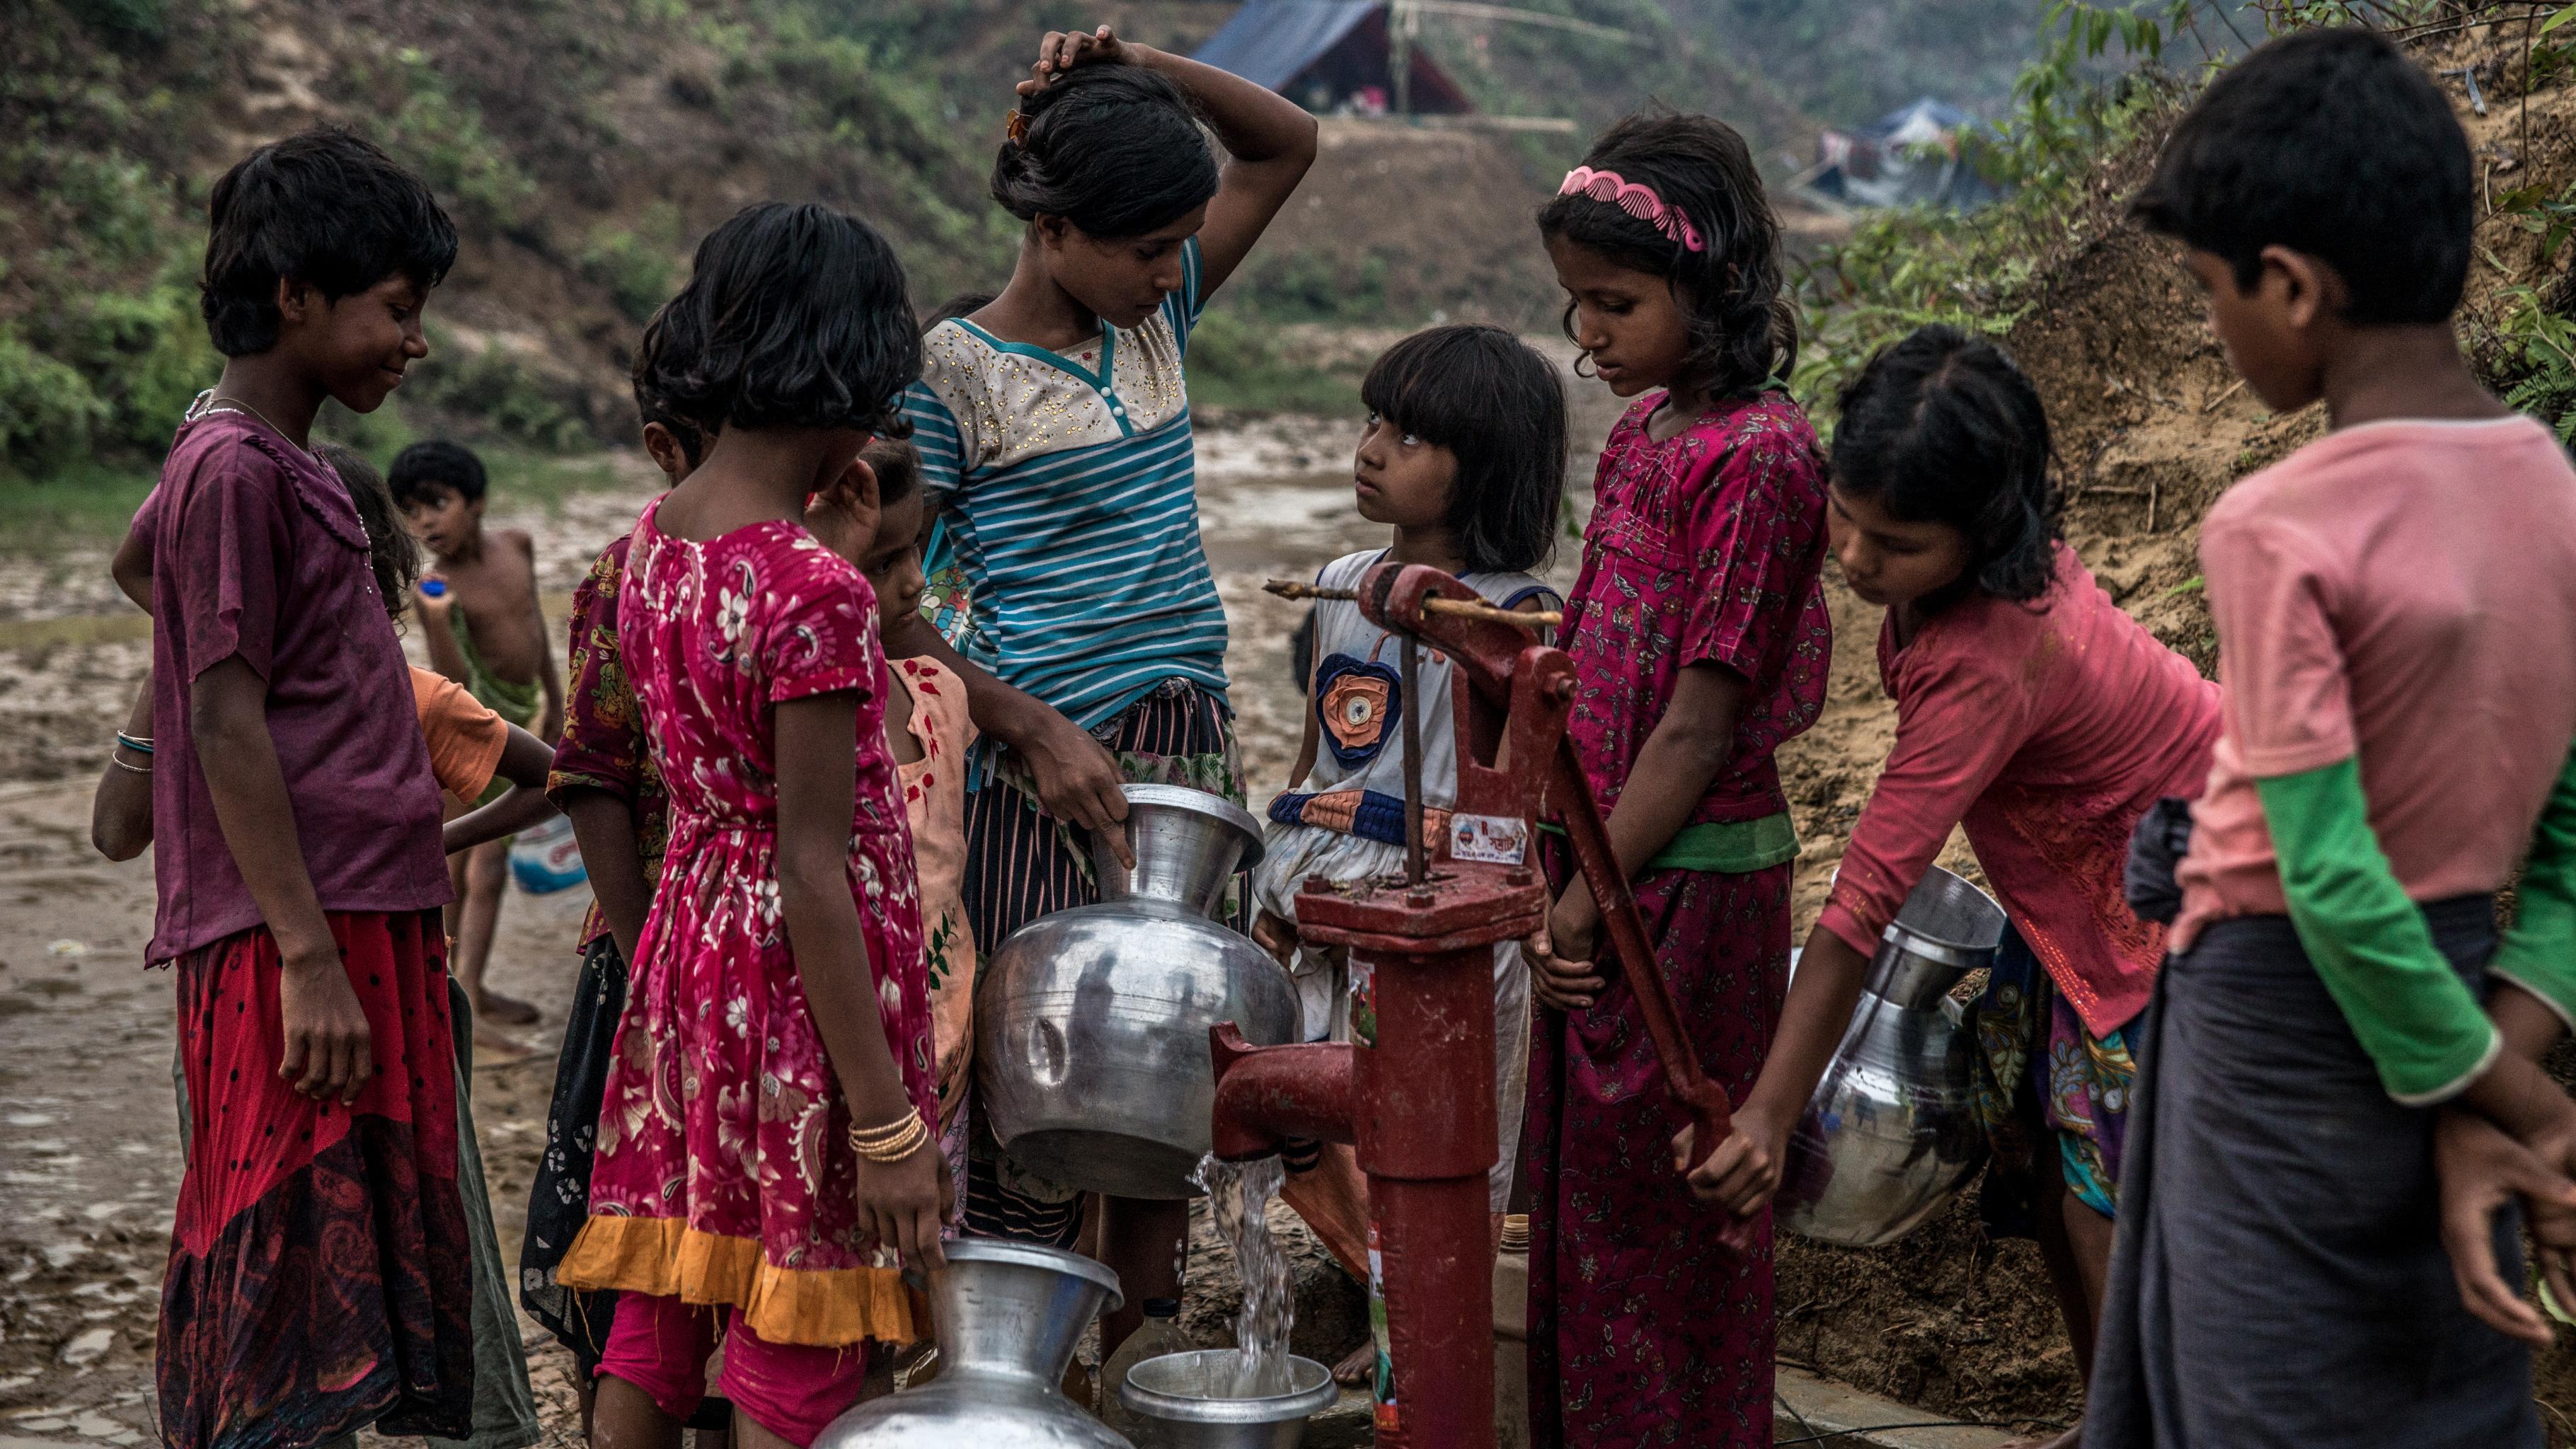 Eine Gruppe von Mädchen füllt an einer Pumpe Wasser in Behälter